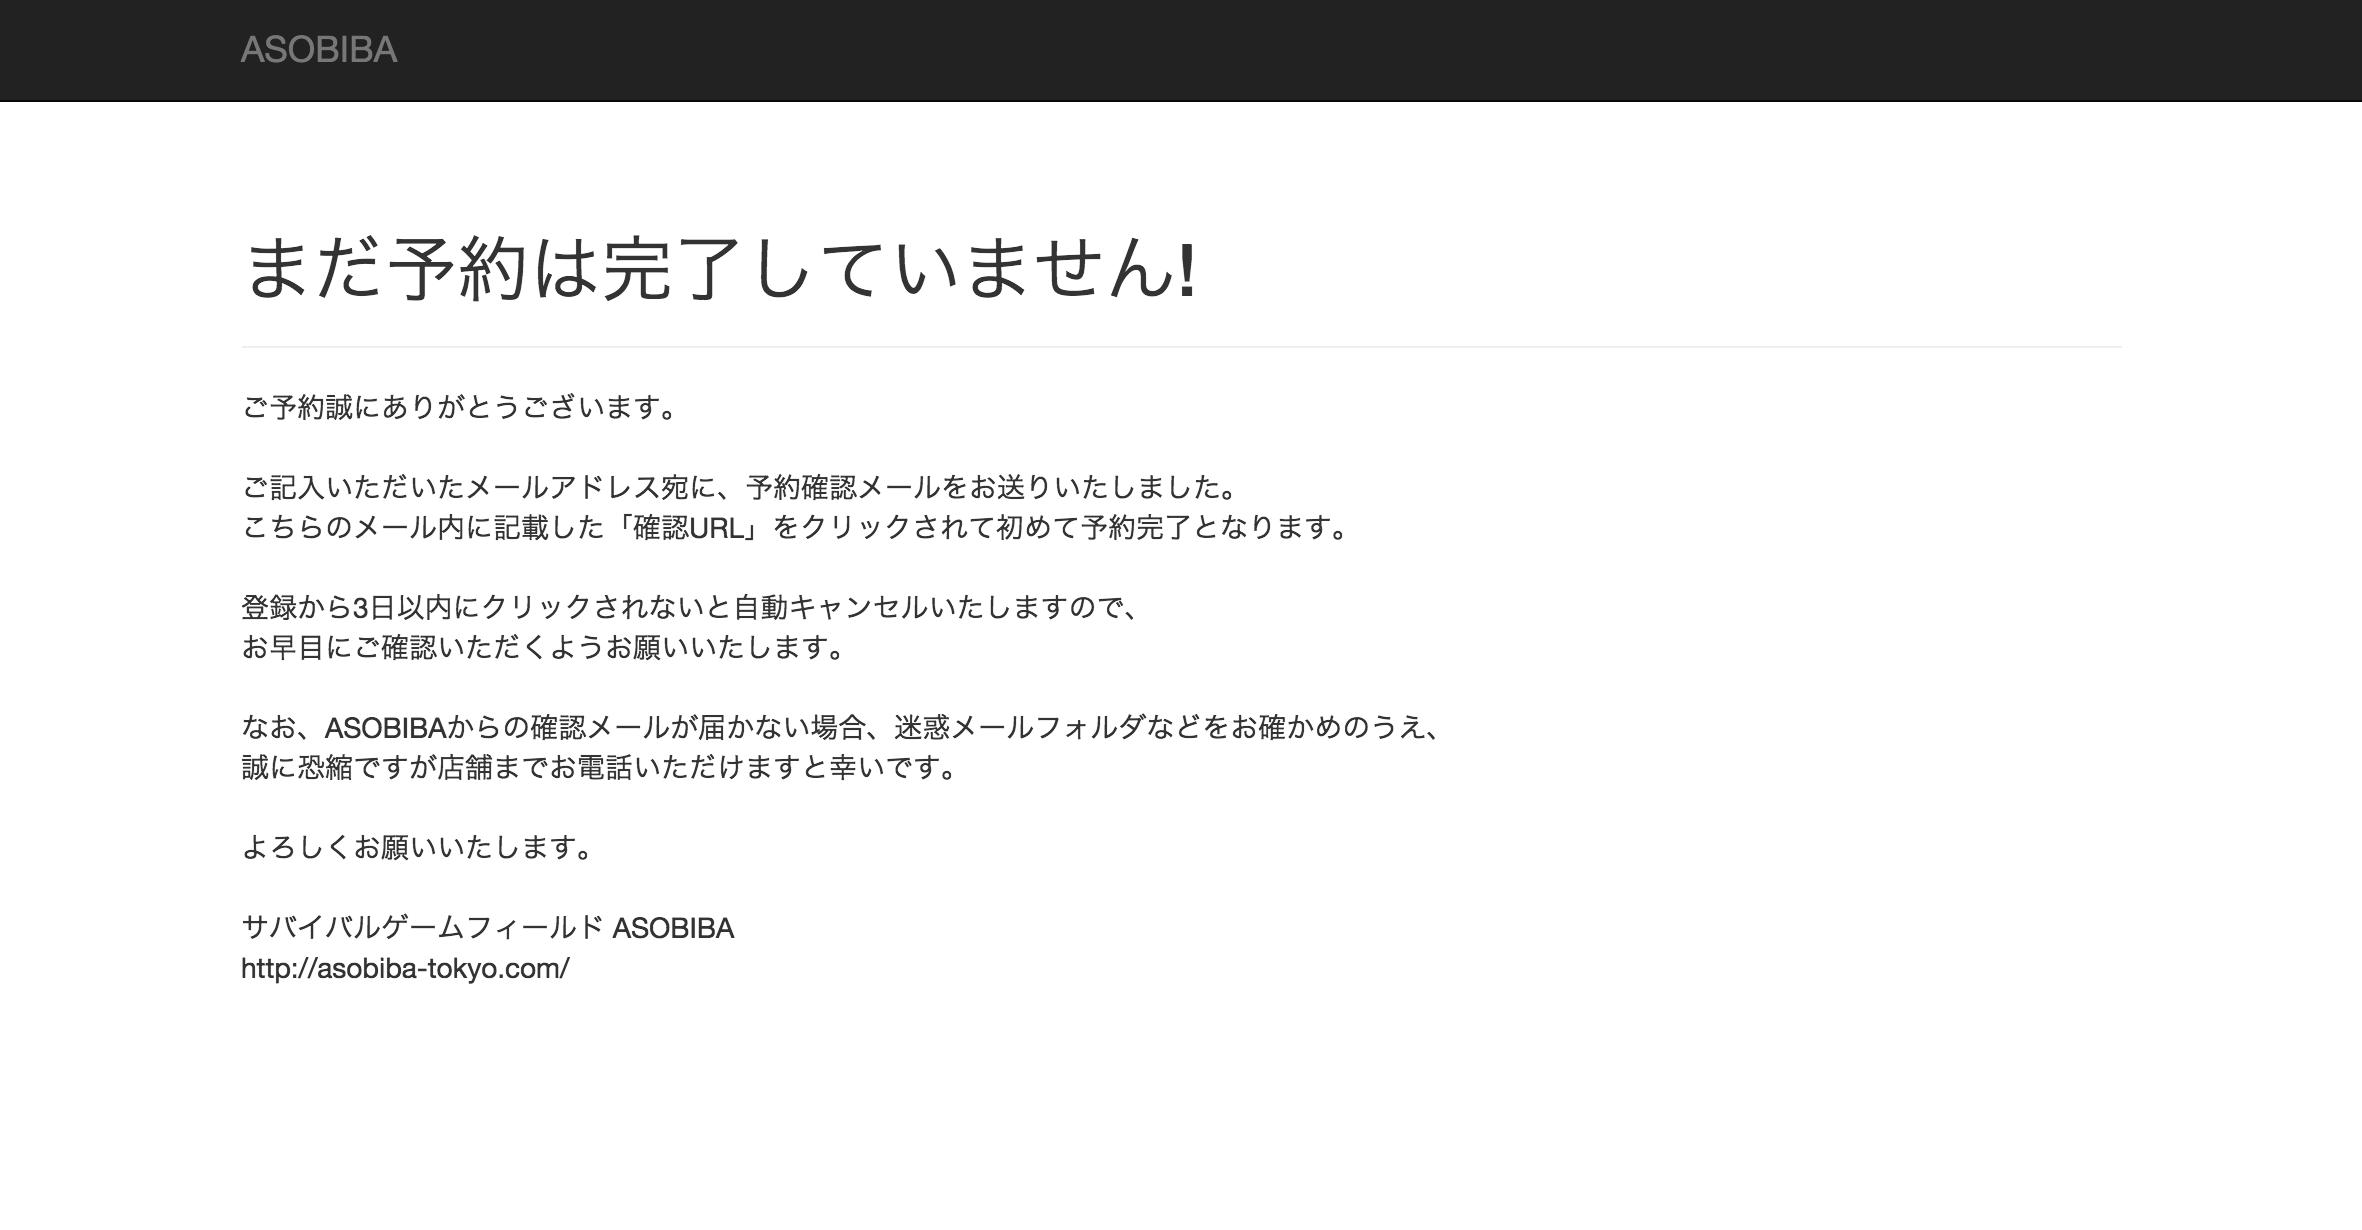 screencapture-asobiba-reserve-herokuapp-com-shops-6-events-thanks-1451917613455